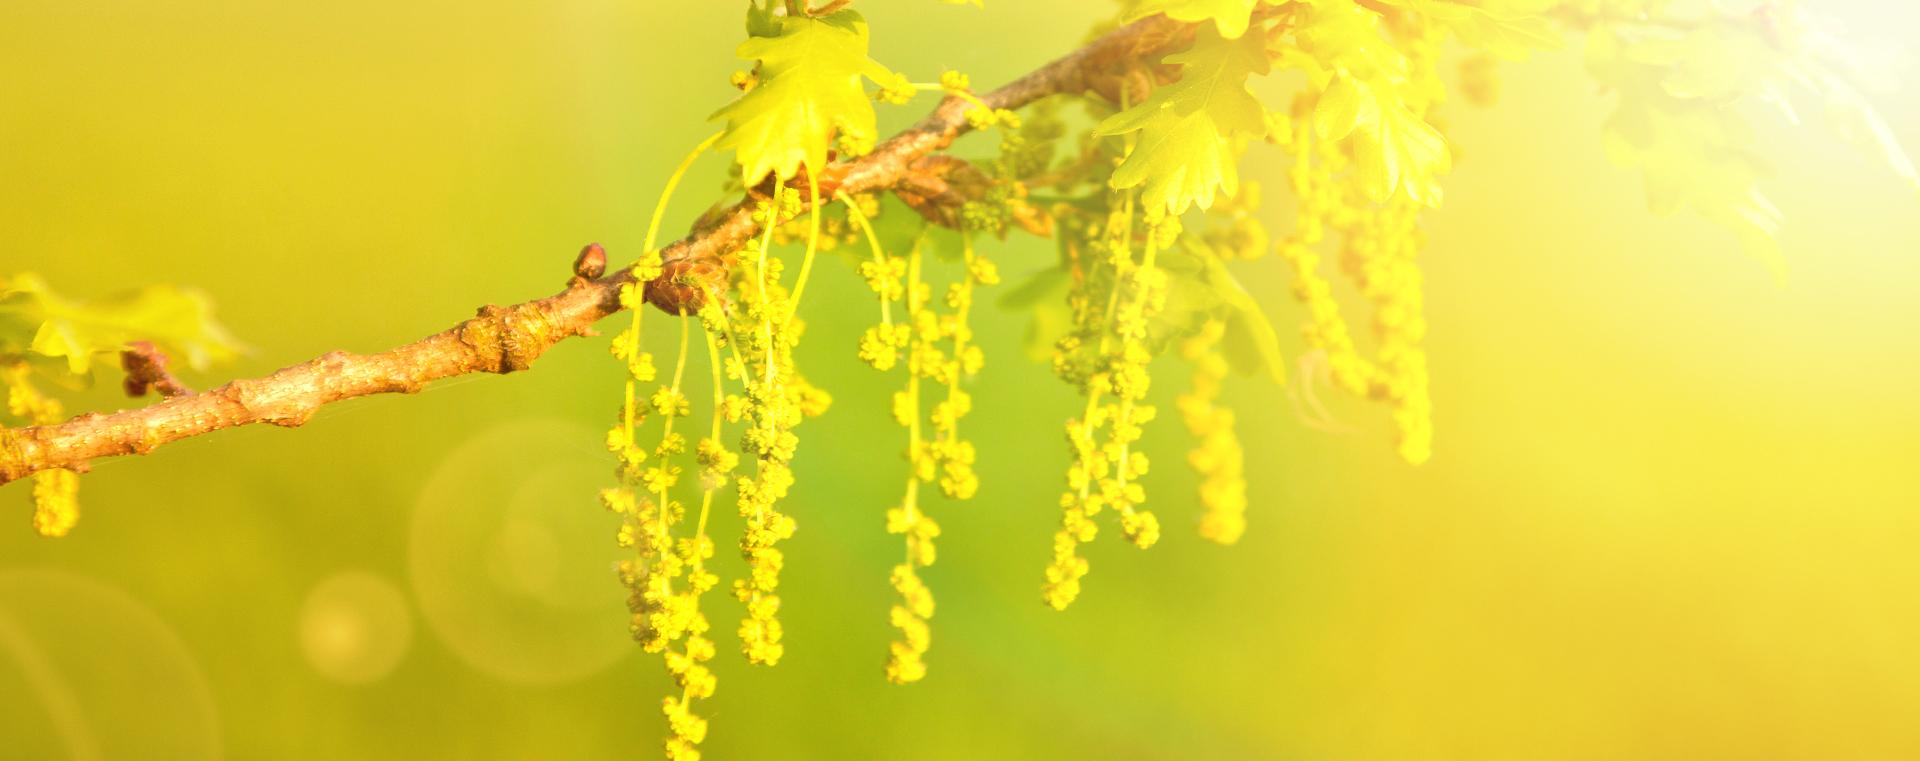 Oak Eiche Verzagtheit und Verzweiflung Lemon Pharma Original Bachblüten